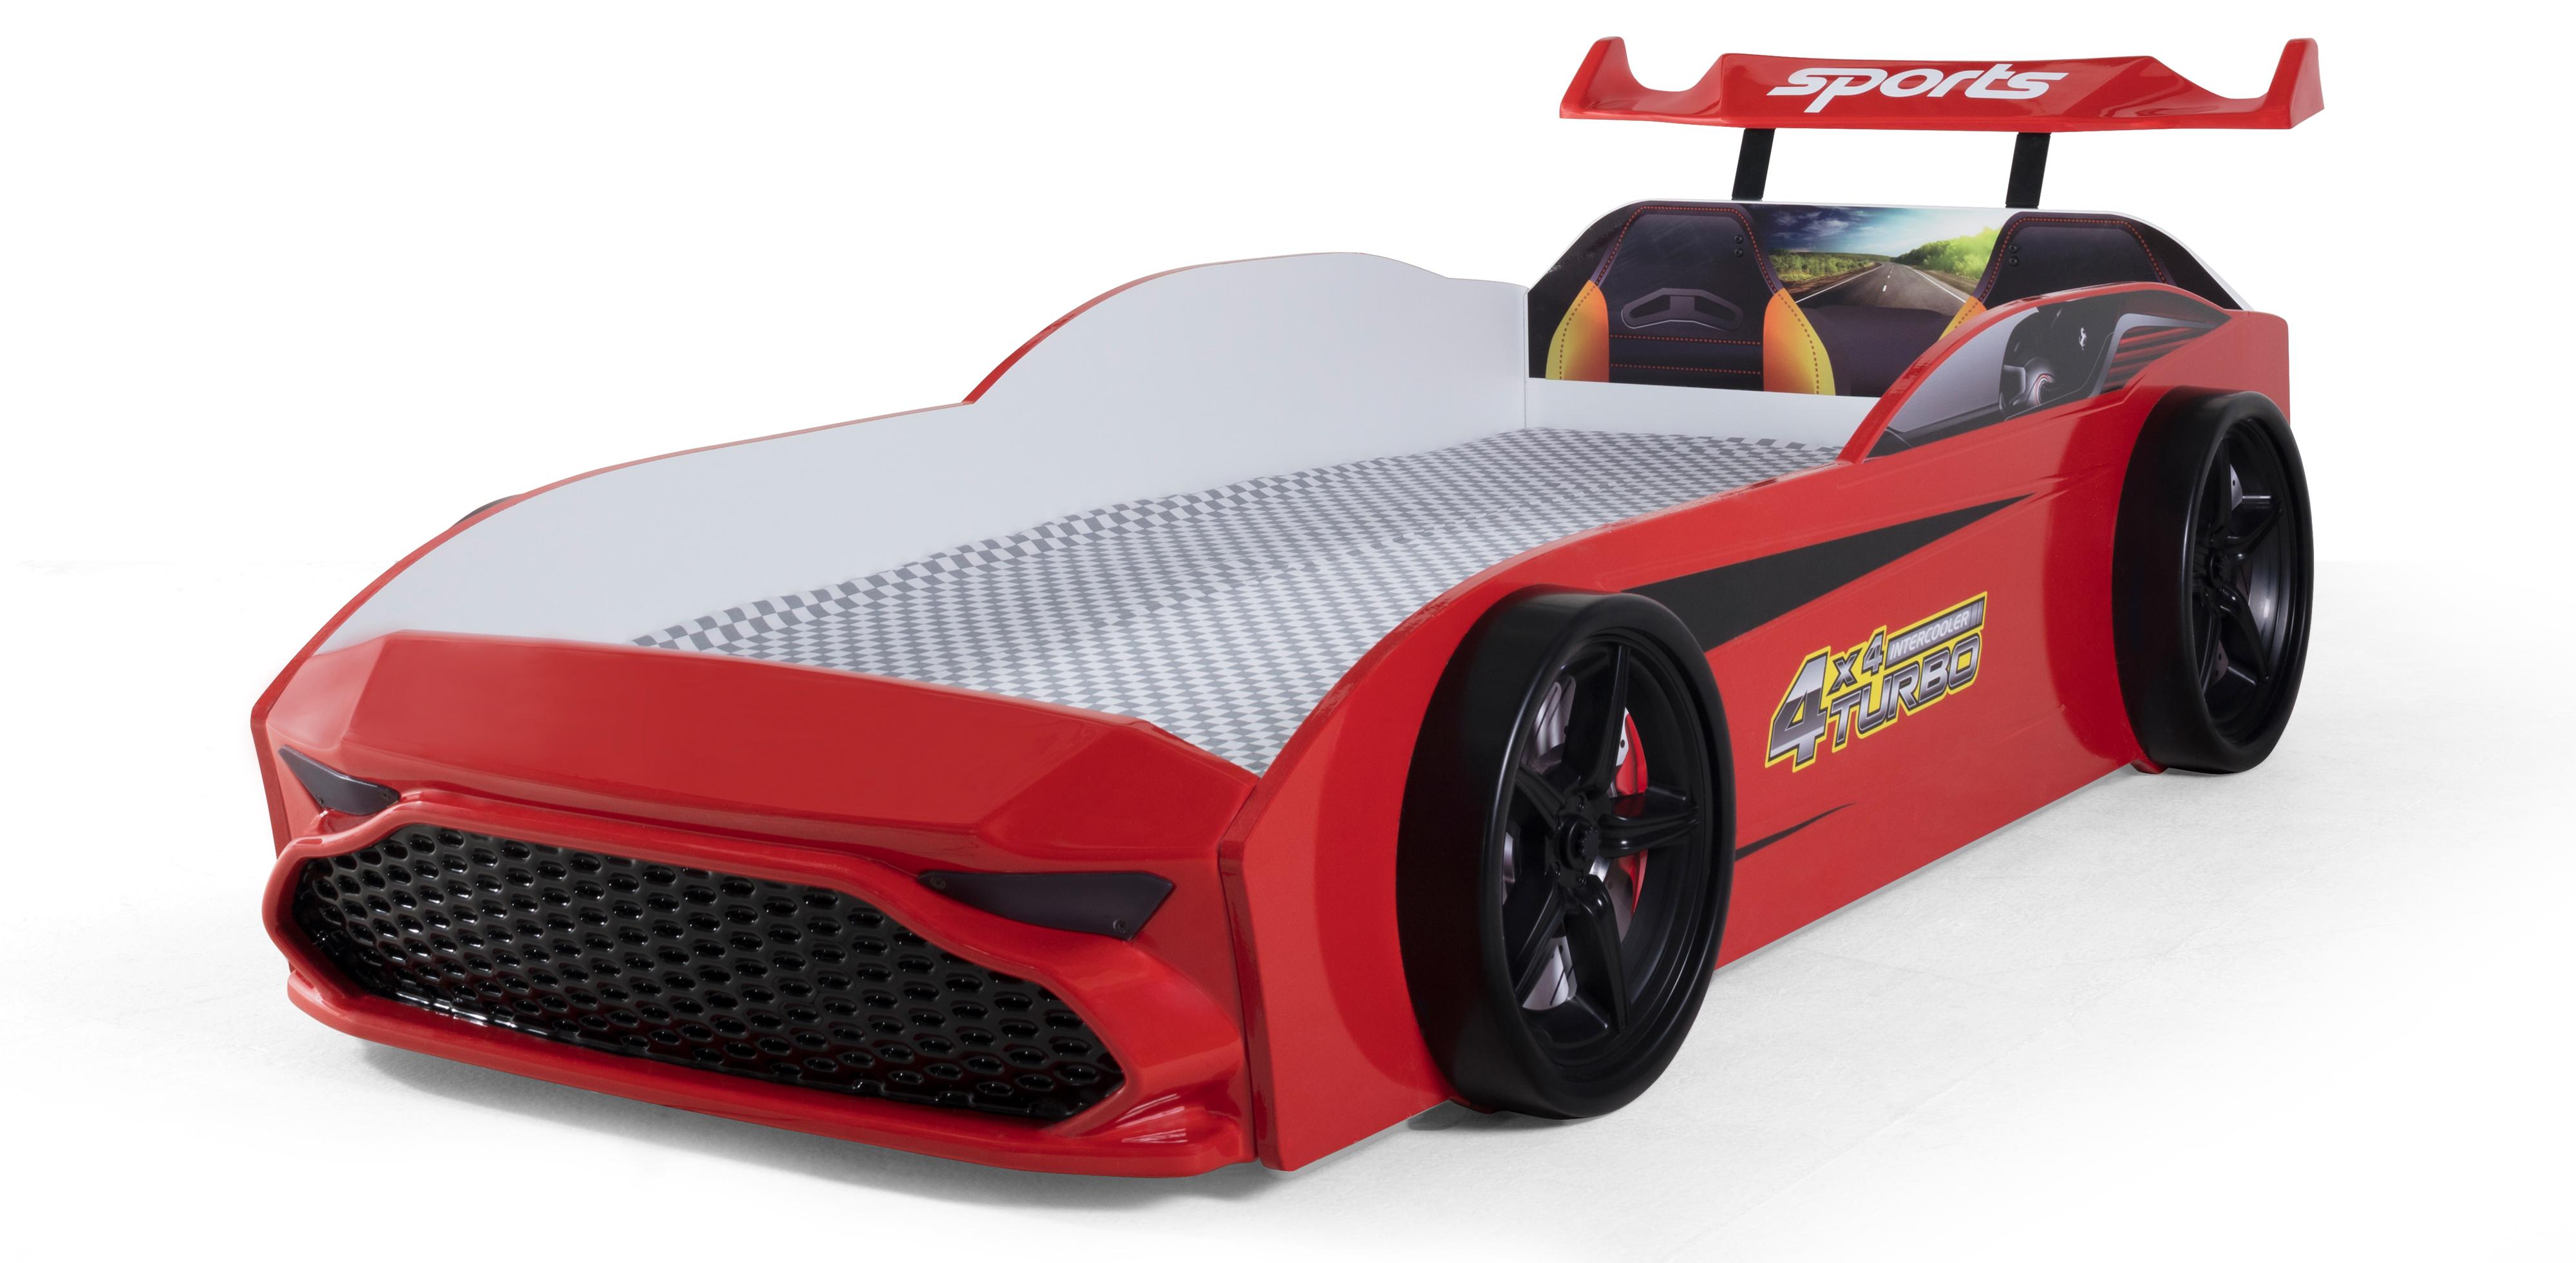 Kinder Autobett GT18 Turbo 4x4 in Rot